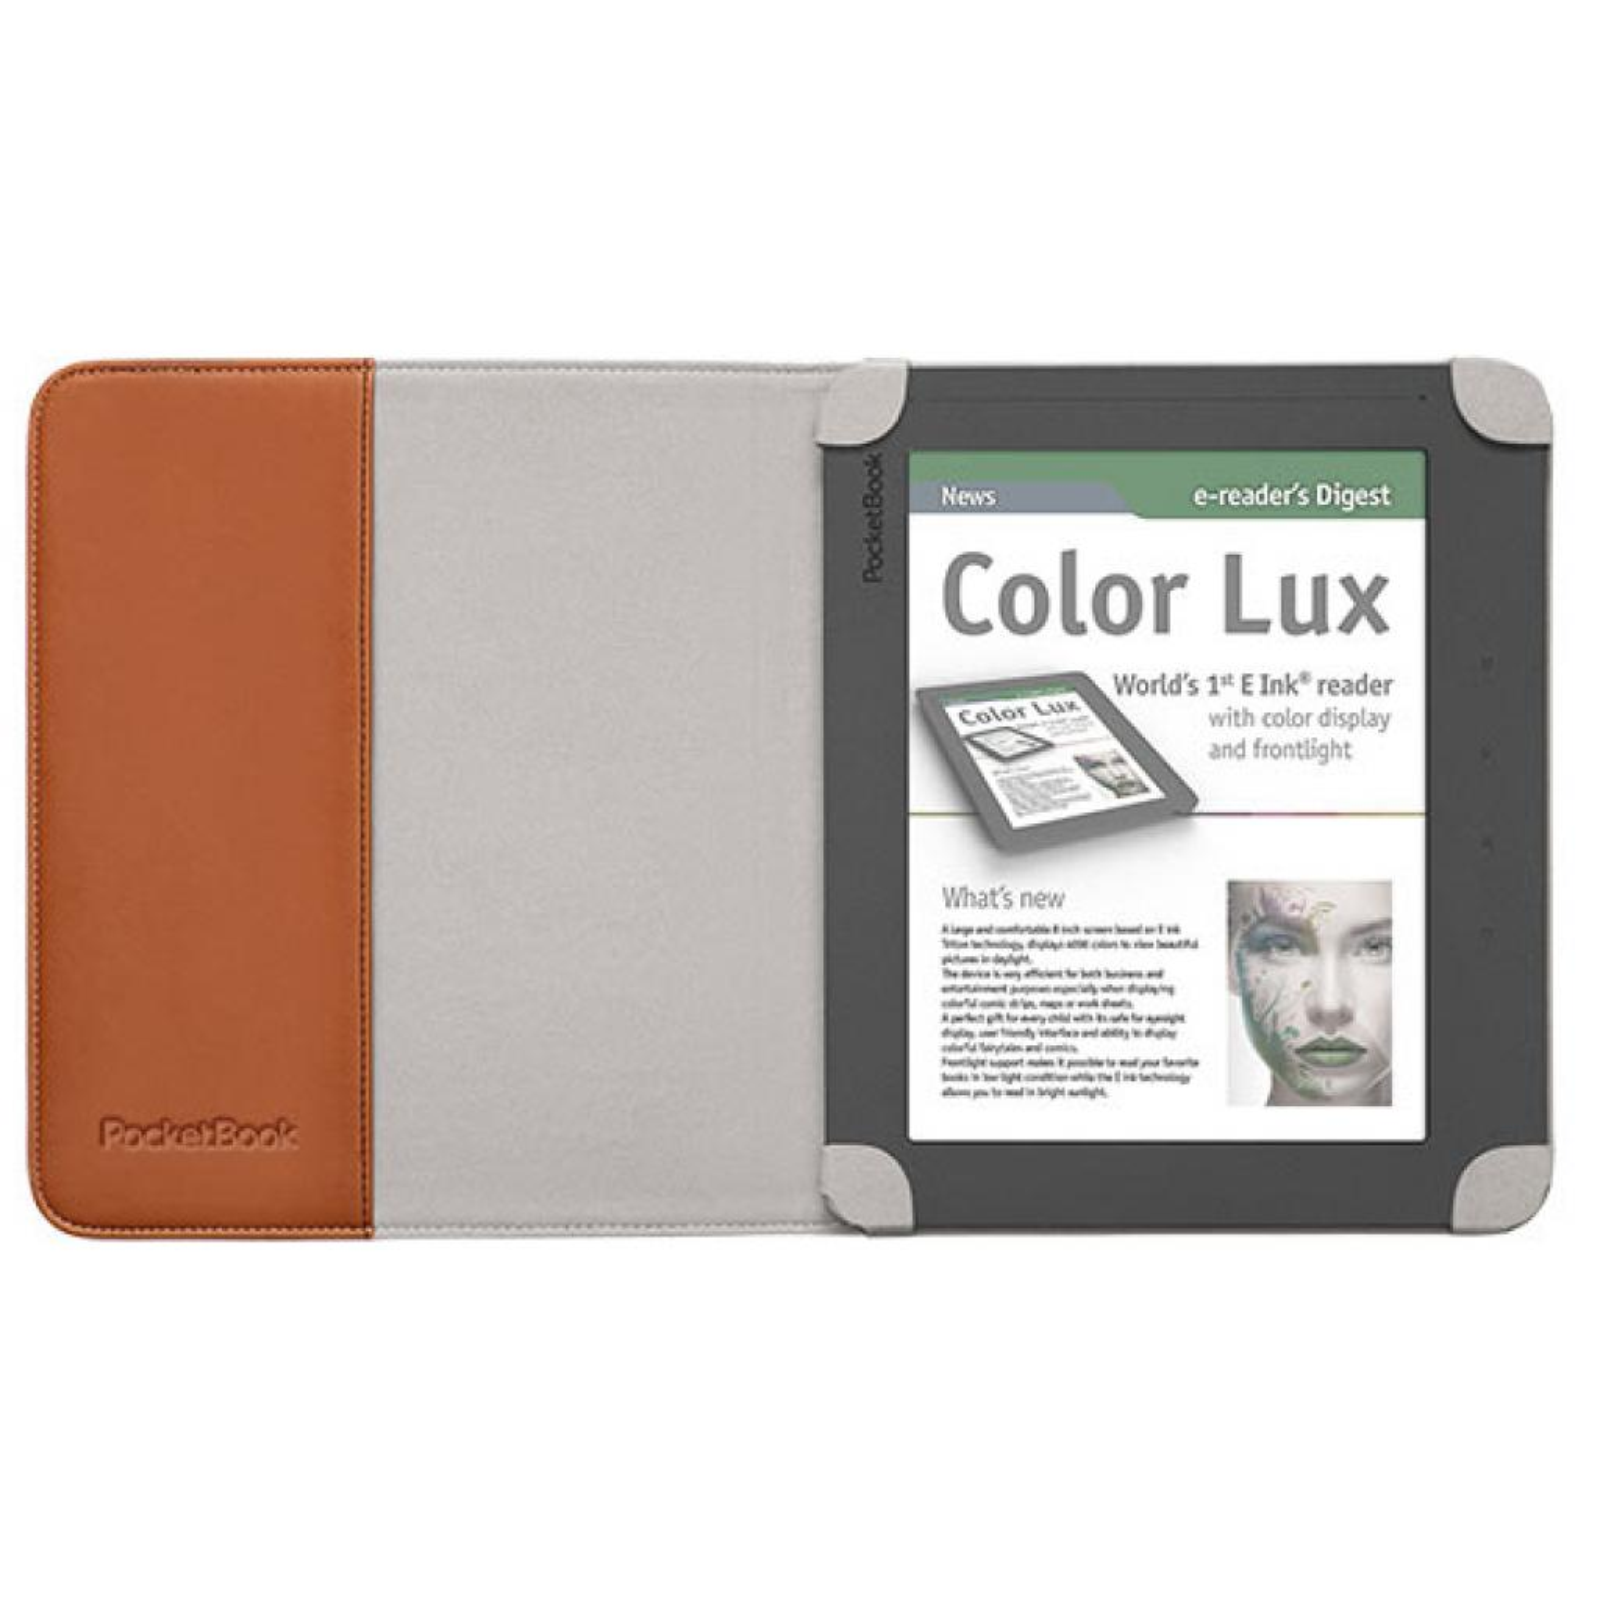 Чехол для электронной книги PocketBook PB801 brown/grey (PBPUC-8-BR-BK) изображение 3